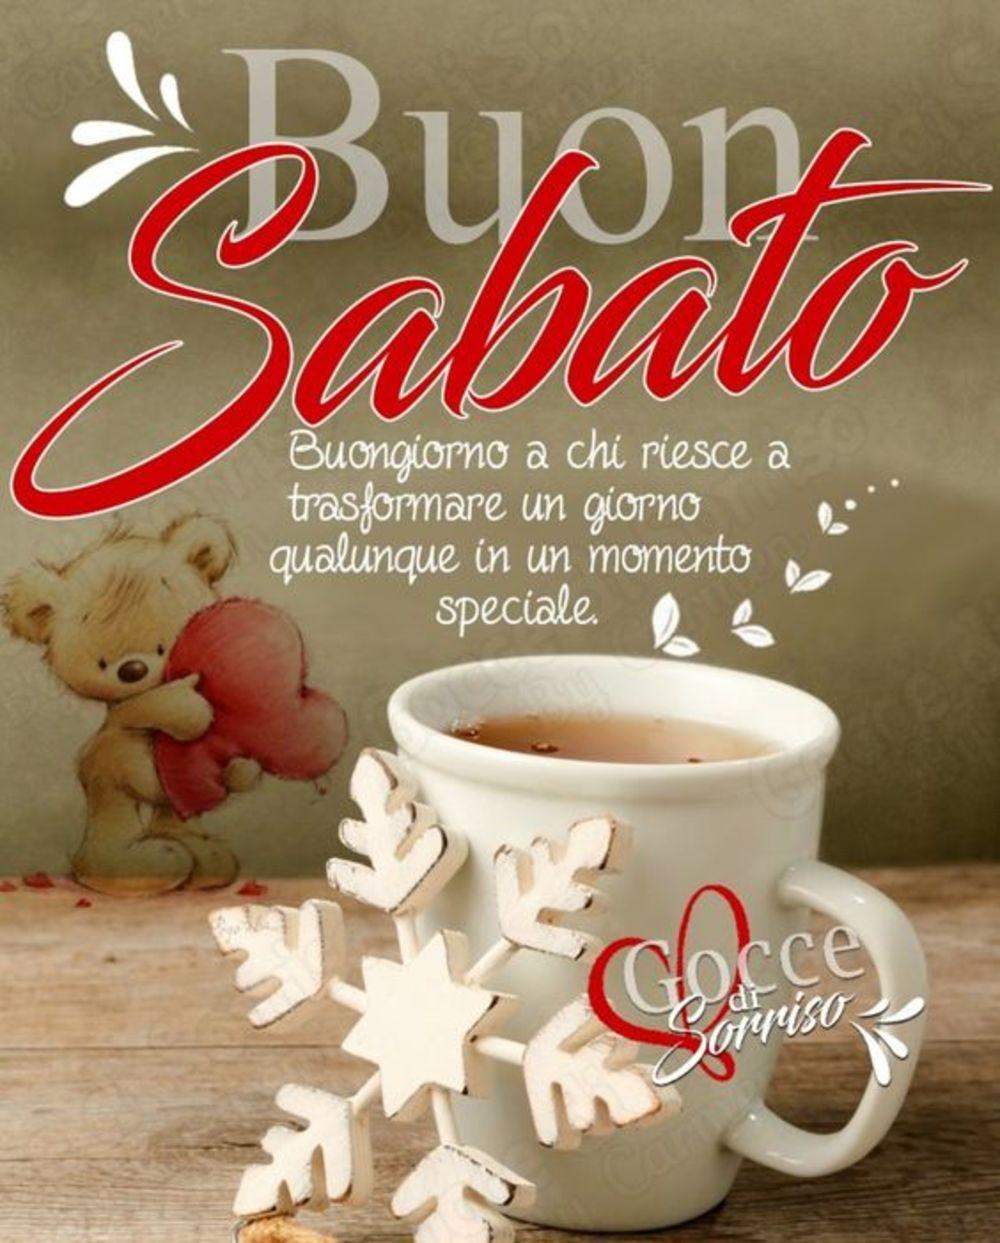 Buon Sabato Invernale 3 Buongiornoateit